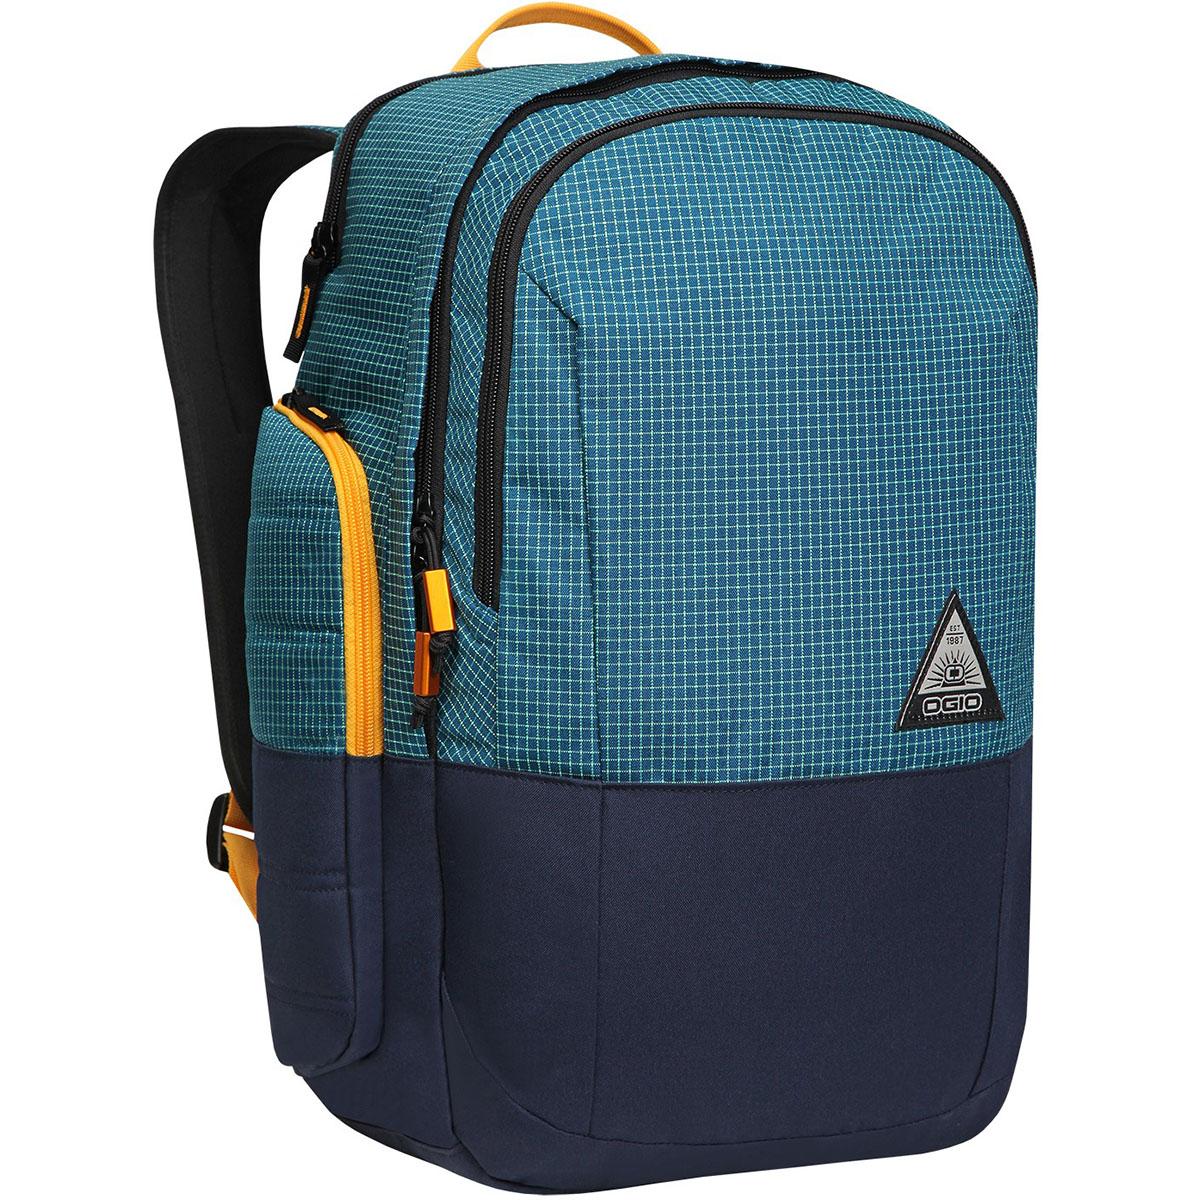 Рюкзак городской OGIO Urban. Clark Pack (A/S), цвет: синий. 031652226999031652226999Стильный и в то же время функциональный рюкзак от Ogio. Имеются специализированные отсеки для ноутбука и планшета, которые позволят Вам не переживать за сохранность техники. Большое основное отделение вместит все необходимые вещи, а внешние боковые карманы на молнии помогут всегда держать необходимые аксессуары поблизости.